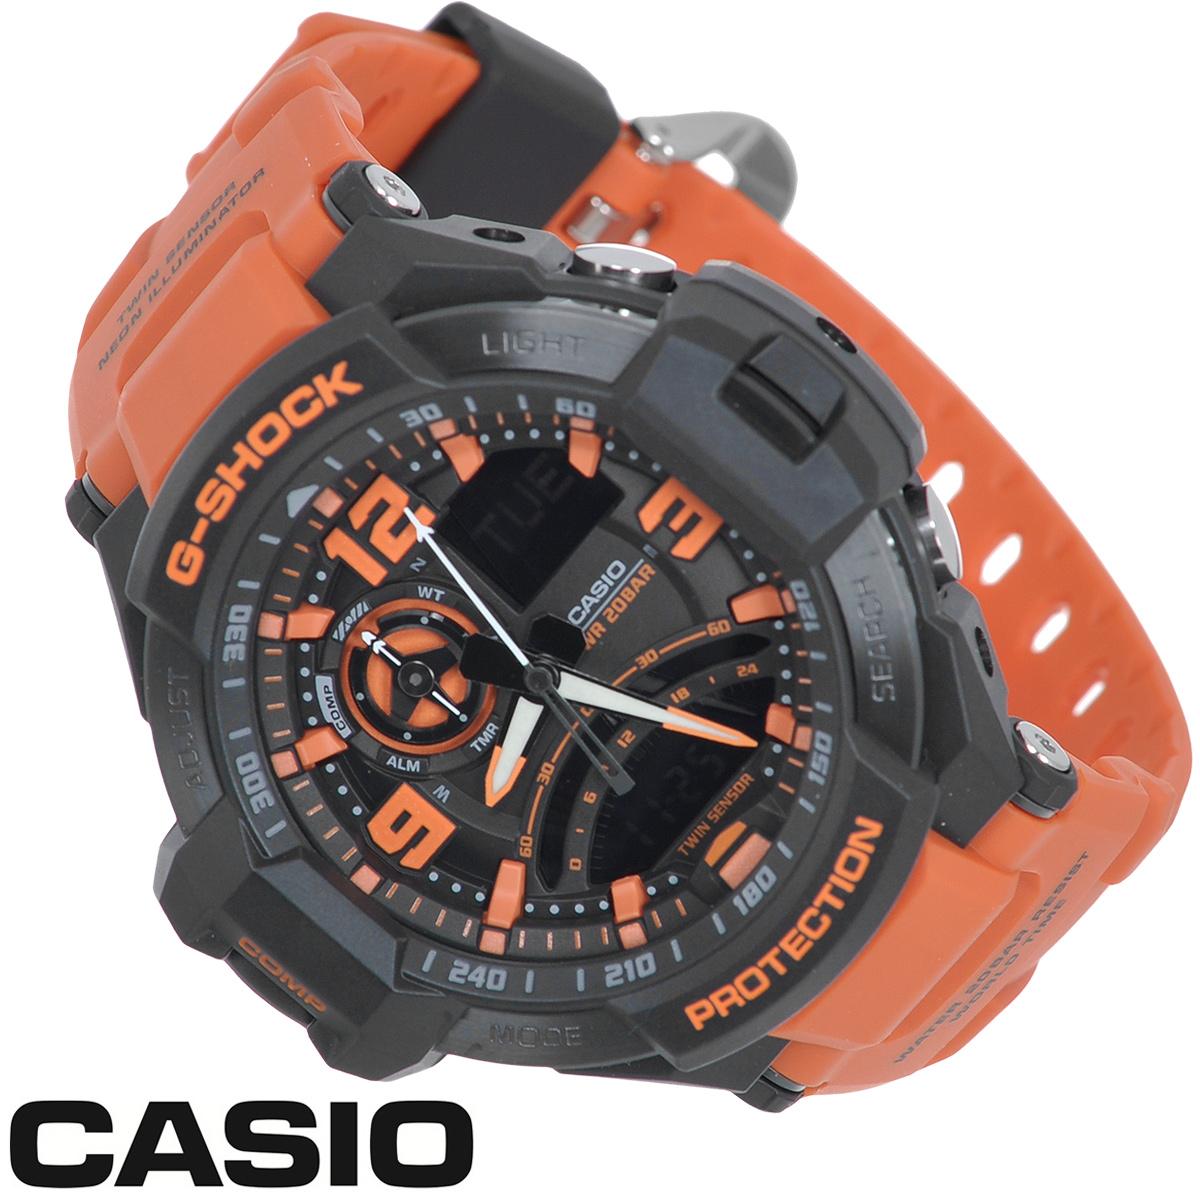 Часы мужские наручные Casio G-Shock, цвет: черный, оранжевый. GA-1000-4AGA-1000-4AСтильные часы G-Shock от японского брэнда Casio - это яркий функциональный аксессуар для современных людей, которые стремятся выделиться из толпы и подчеркнуть свою индивидуальность. Часы выполнены в спортивном стиле. Корпус имеет ударопрочную конструкцию, защищающую механизм от ударов и вибрации. Циферблат со стальным безелем подсвечивается светодиодной автоподсветкой с флюорисцентным напылением на стрелках и дисплее. При повороте часов в сторону лица подсветка дисплея осуществляется автоматически. Светонакопительное покрытие Neobrite продолжает светиться в темноте даже после непродолжительного пребывания на свету. Ремешок из мягкого пластика имеет классическую застежку.Основные функции: -5 будильников, один с функцией повтора сигнала (чтобы отложить пробуждение), ежечасный сигнал; -автоматический календарь (число, месяц, день недели, год); -встроенный цифровой компас; -термометр от -10° до +60°С с точностью 0,1°C; -секундомер с точностью показаний 1/1000 с, время измерения 24 часа; -12-ти и 24-х часовой формат времени; -таймер обратного отсчета от 1 мин до 1 ч; -мировое время; -функция включения/отключения звука.Часы упакованы в фирменную коробку с логотипом Casio. Такой аксессуар добавит вашему образу стиля и подчеркнет безупречный вкус своего владельца.Характеристики: Диаметр циферблата: 3,4 см.Размер корпуса: 5,1 см х 5,2 см х 1,6 см.Длина ремешка (с корпусом): 24,5 см.Ширина ремешка: 2 см. STAINLESS STELL BACK JAPAN MOVT Y CASED IN THAILAND.